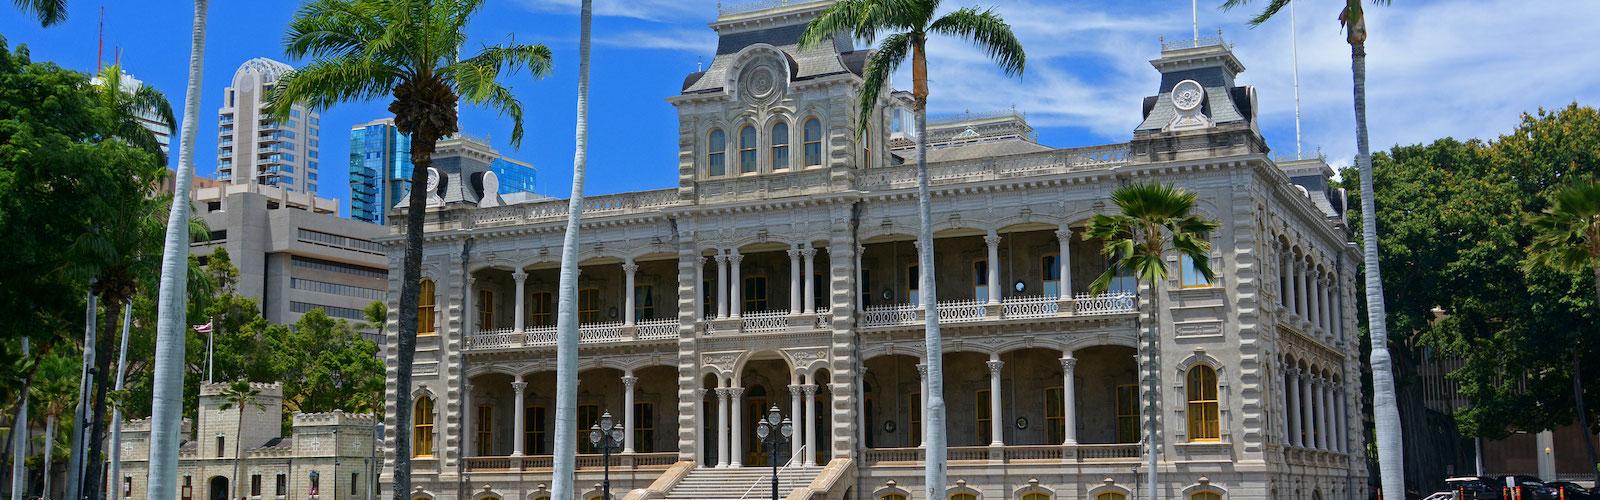 Iolani Palace, Explore Oahu, Oahu Museums, Hawaii